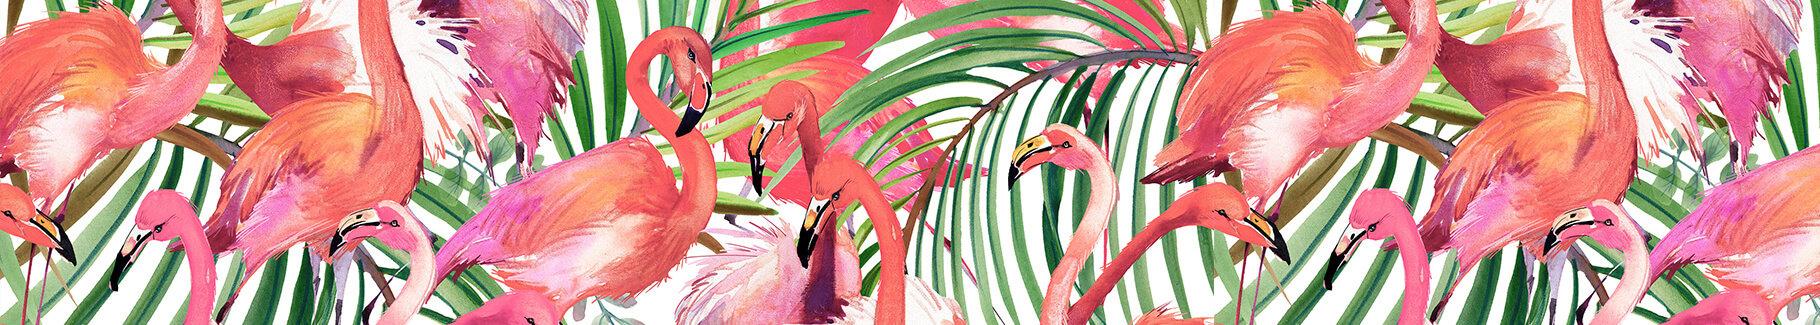 Barwny plakat zwierzęta